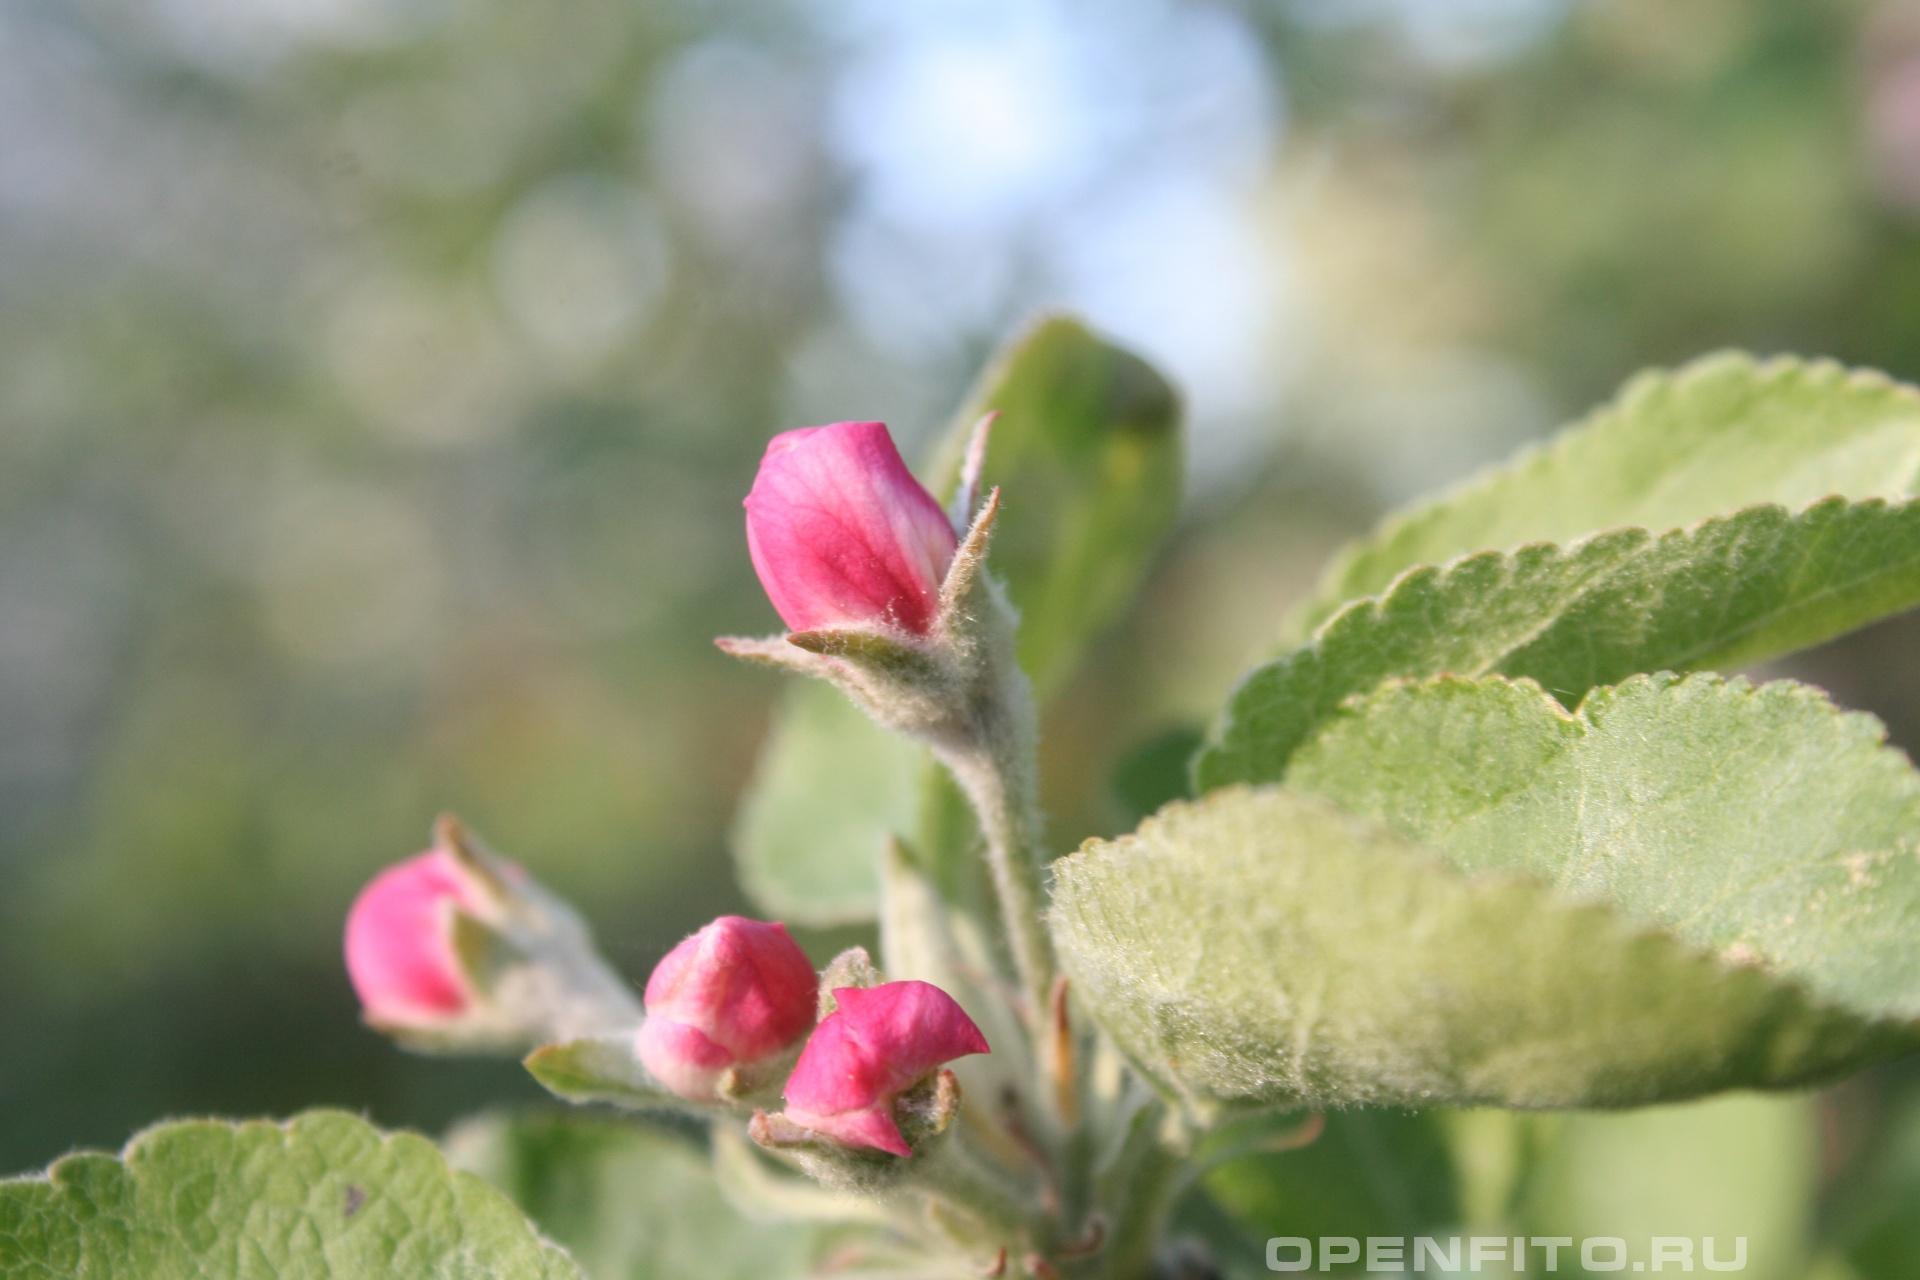 Яблоня розовые бутоны  яблони